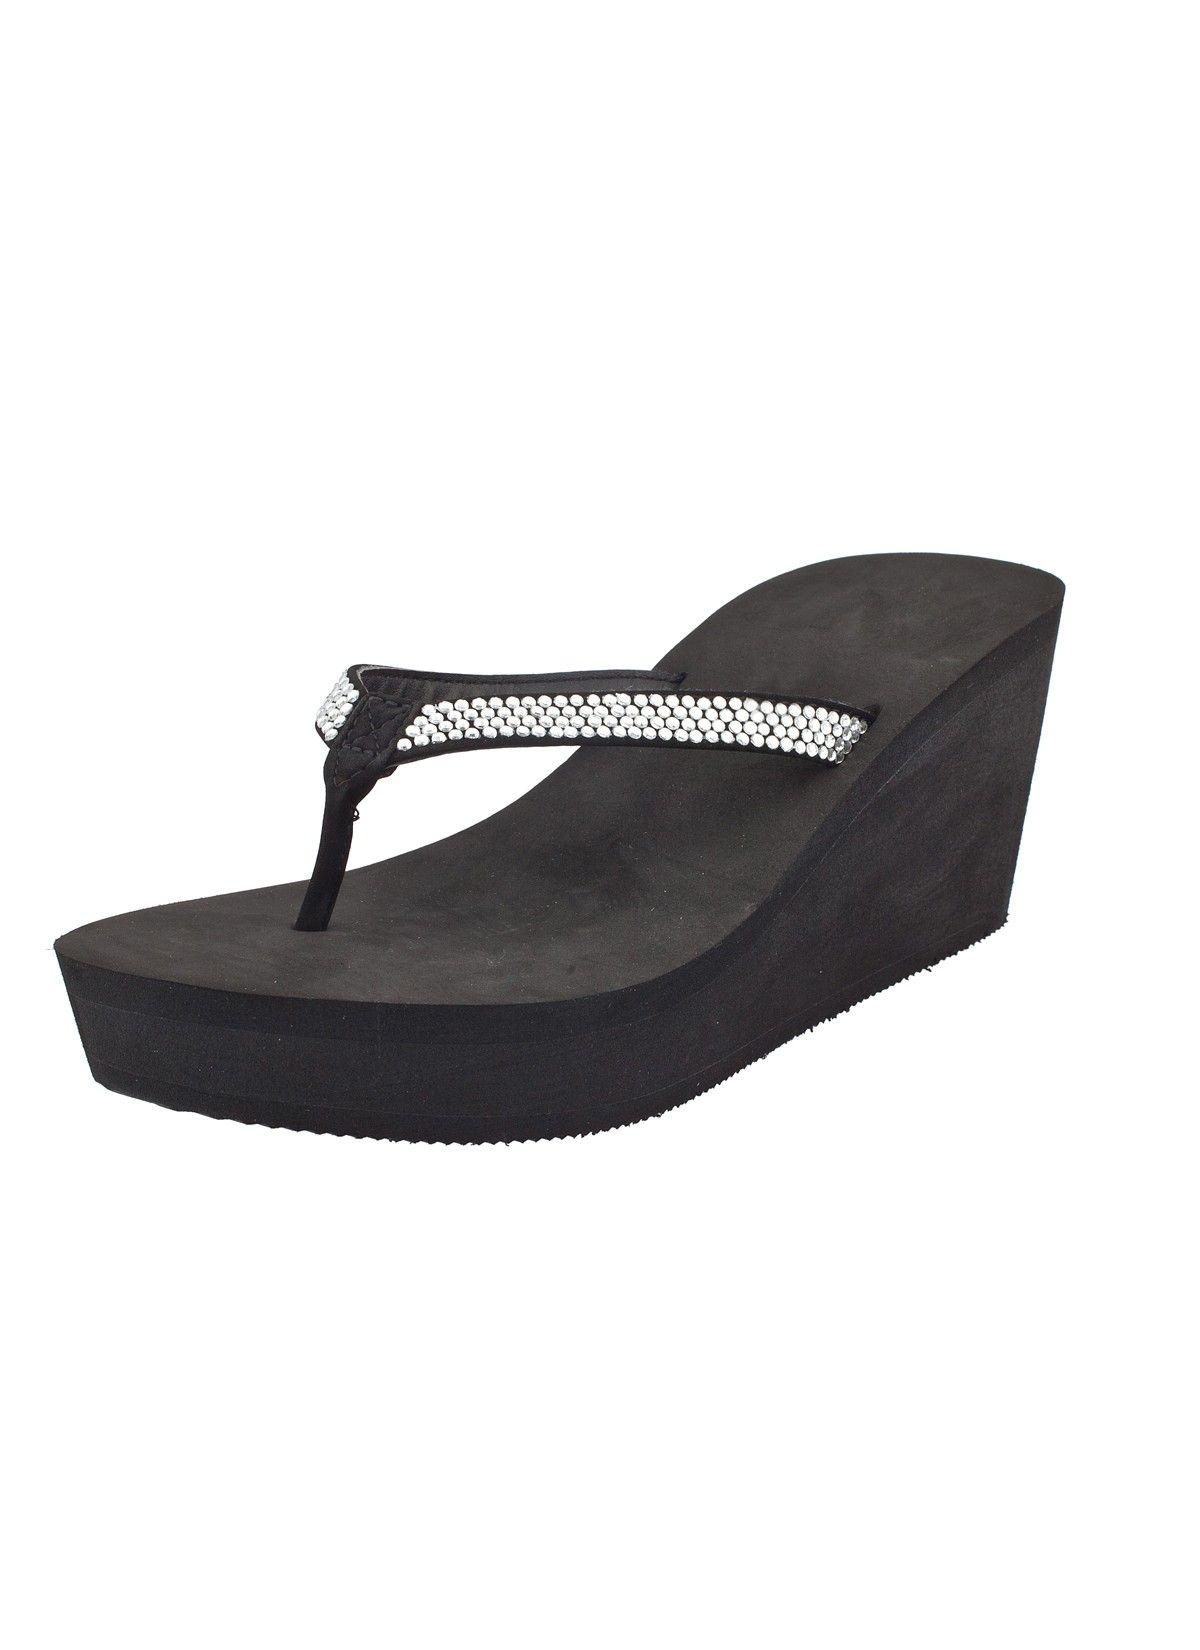 e81ac9fc7 Shop Prima Donna - Placid Platform Flip Flops Black at Prima donna ...